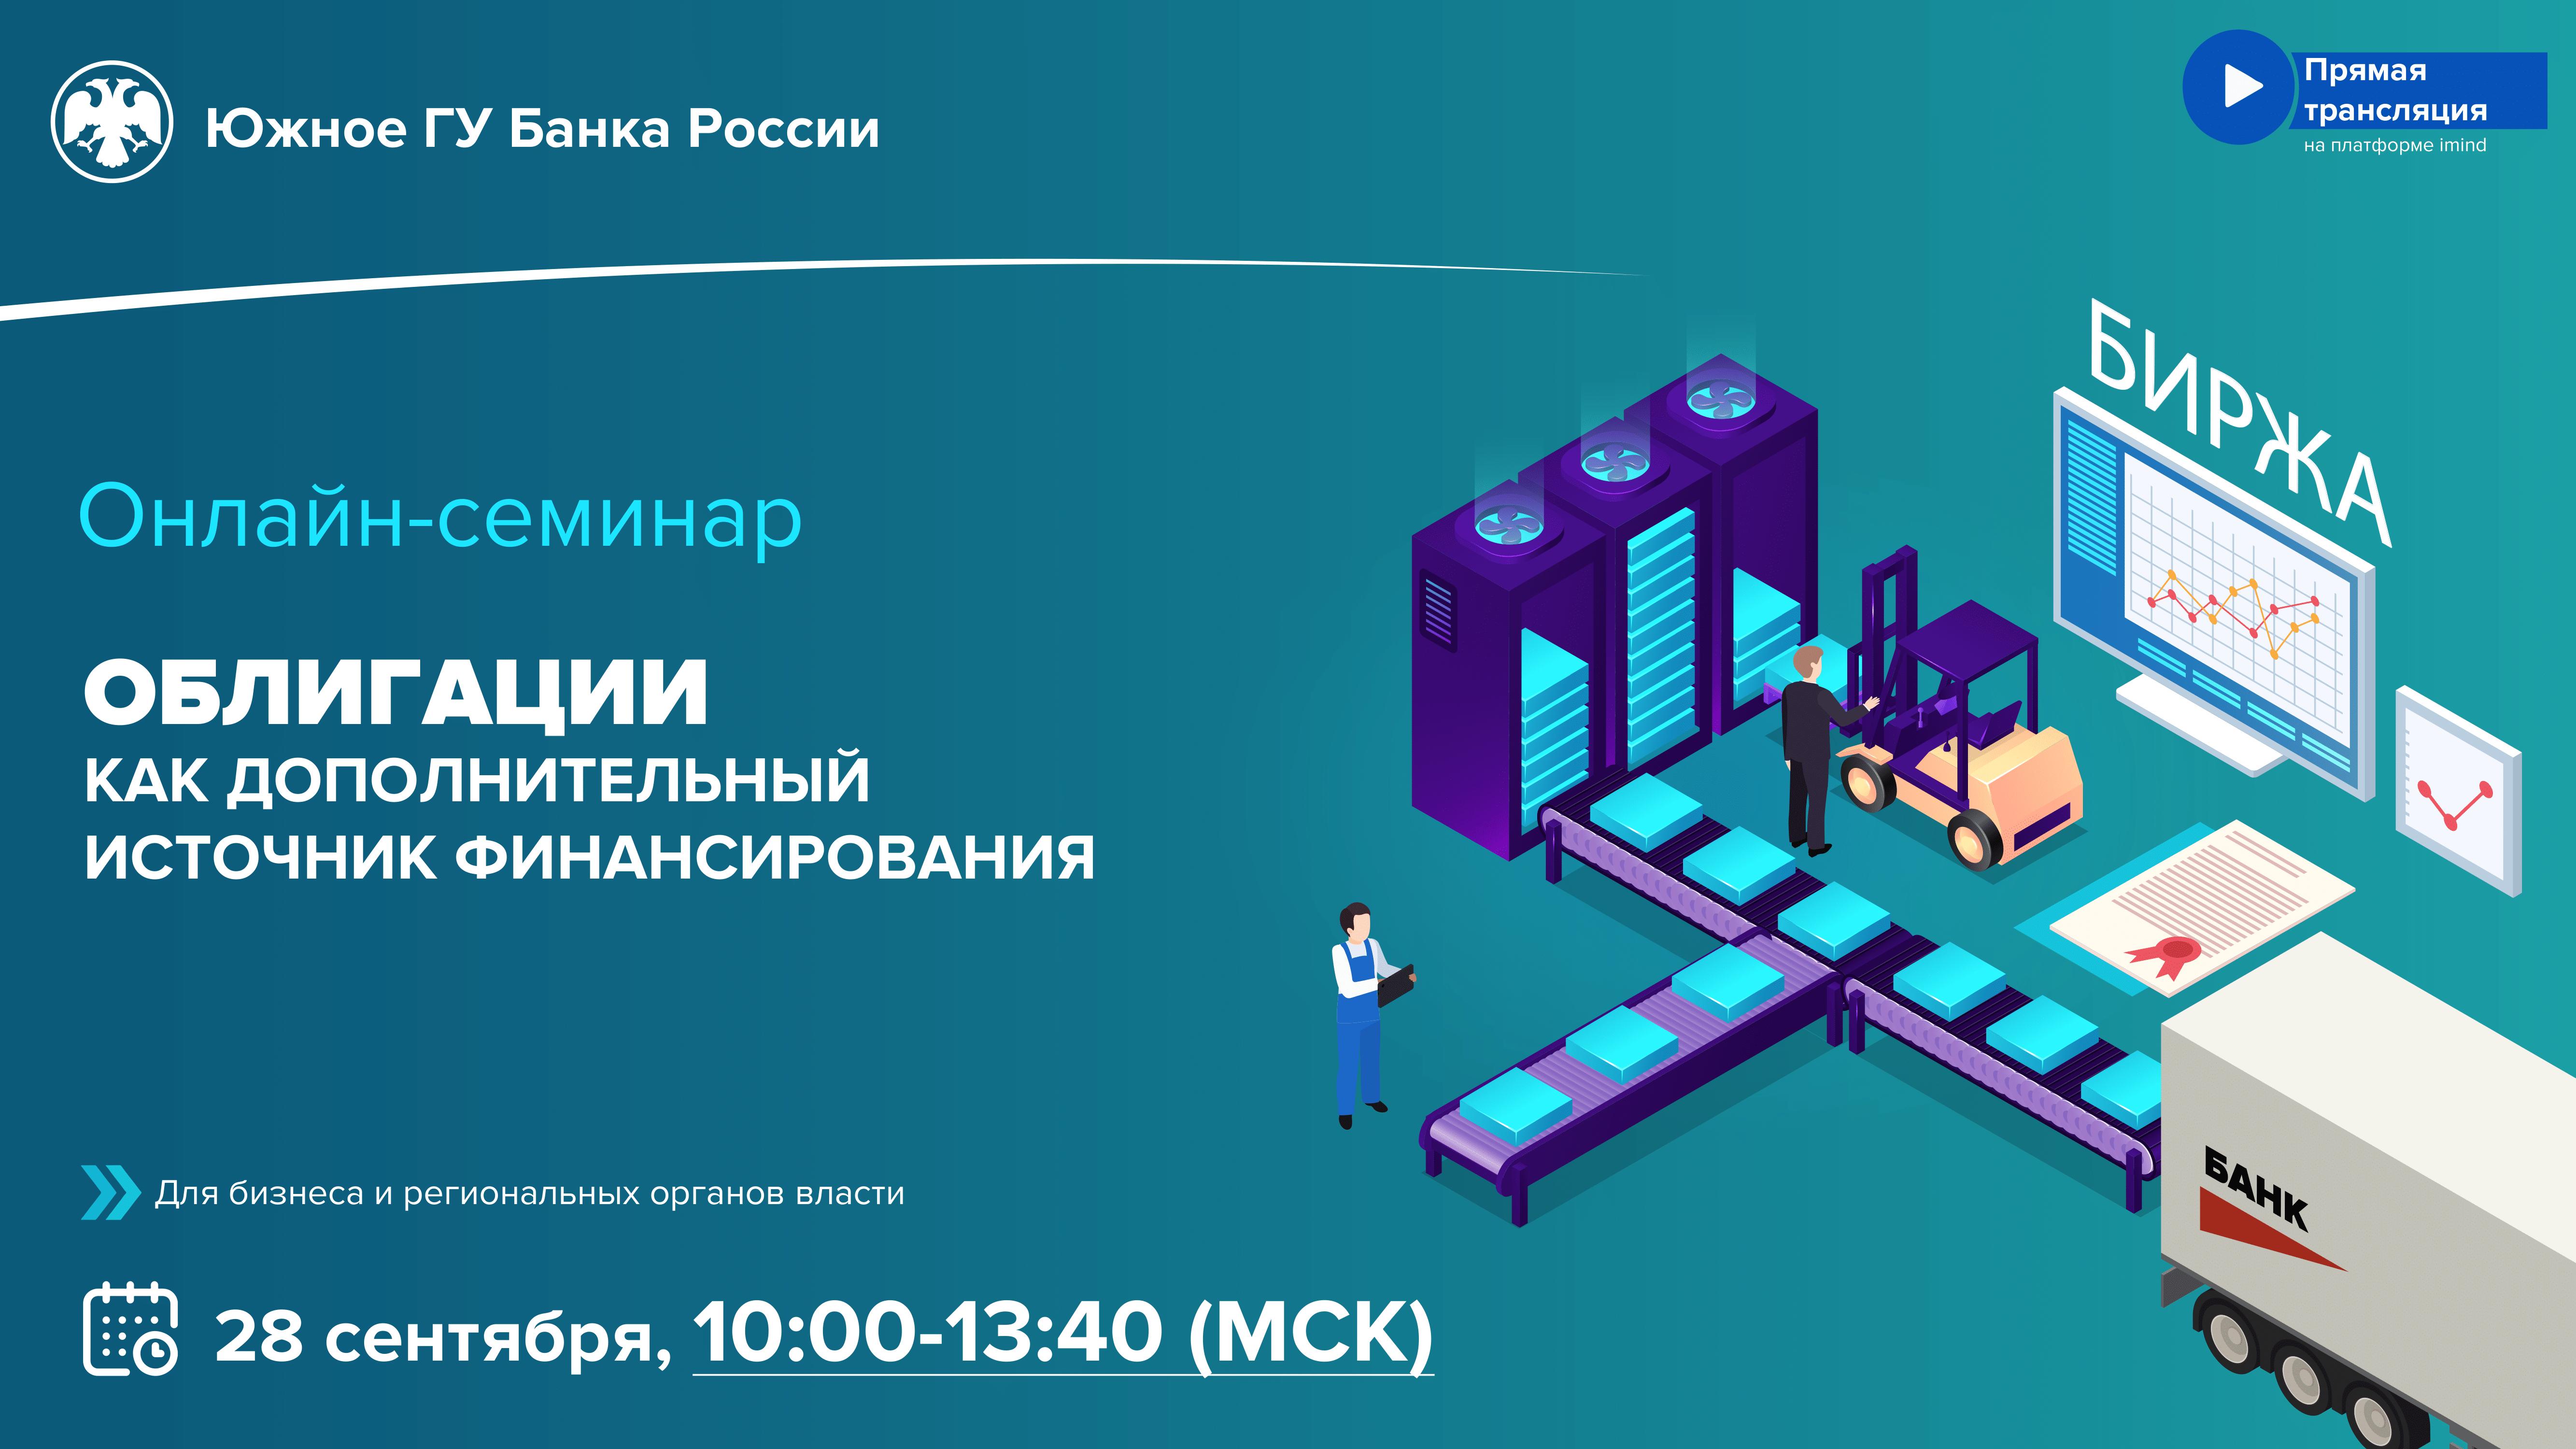 Бизнес Дагестана приглашается на открытый семинар Банка России поработе соблигациями